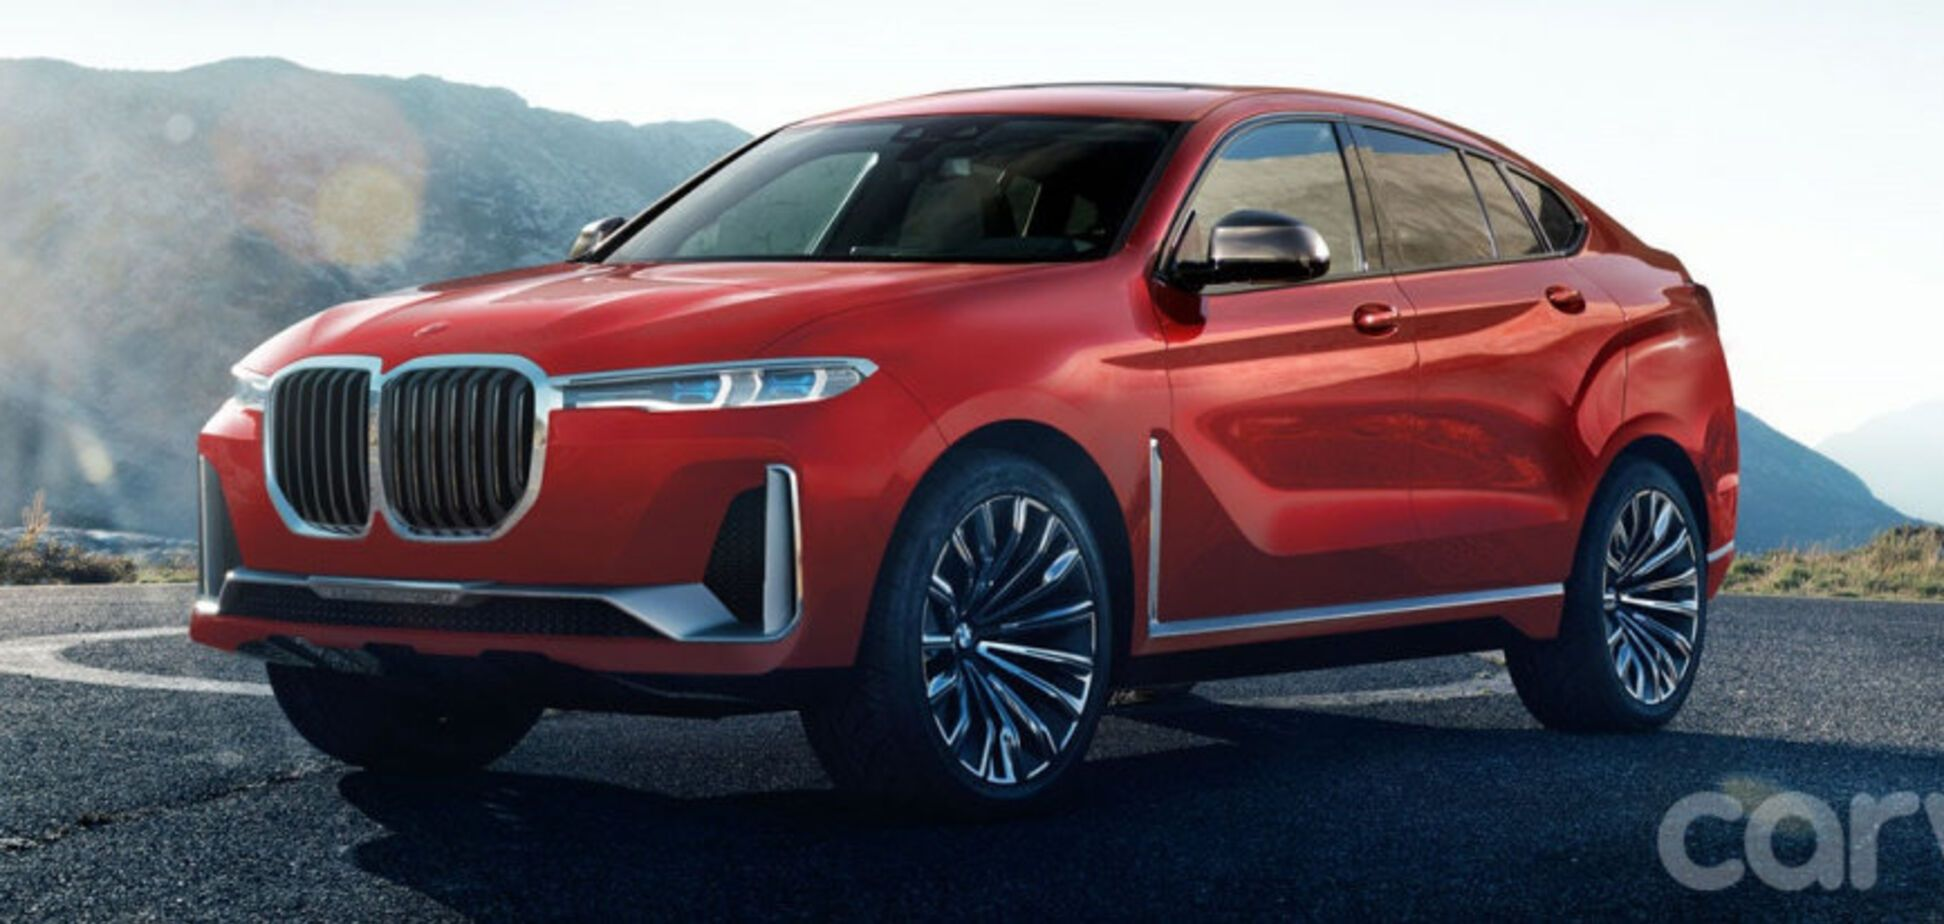 BMW X8 2021 года – самый крутой кроссовер немецкого бренда